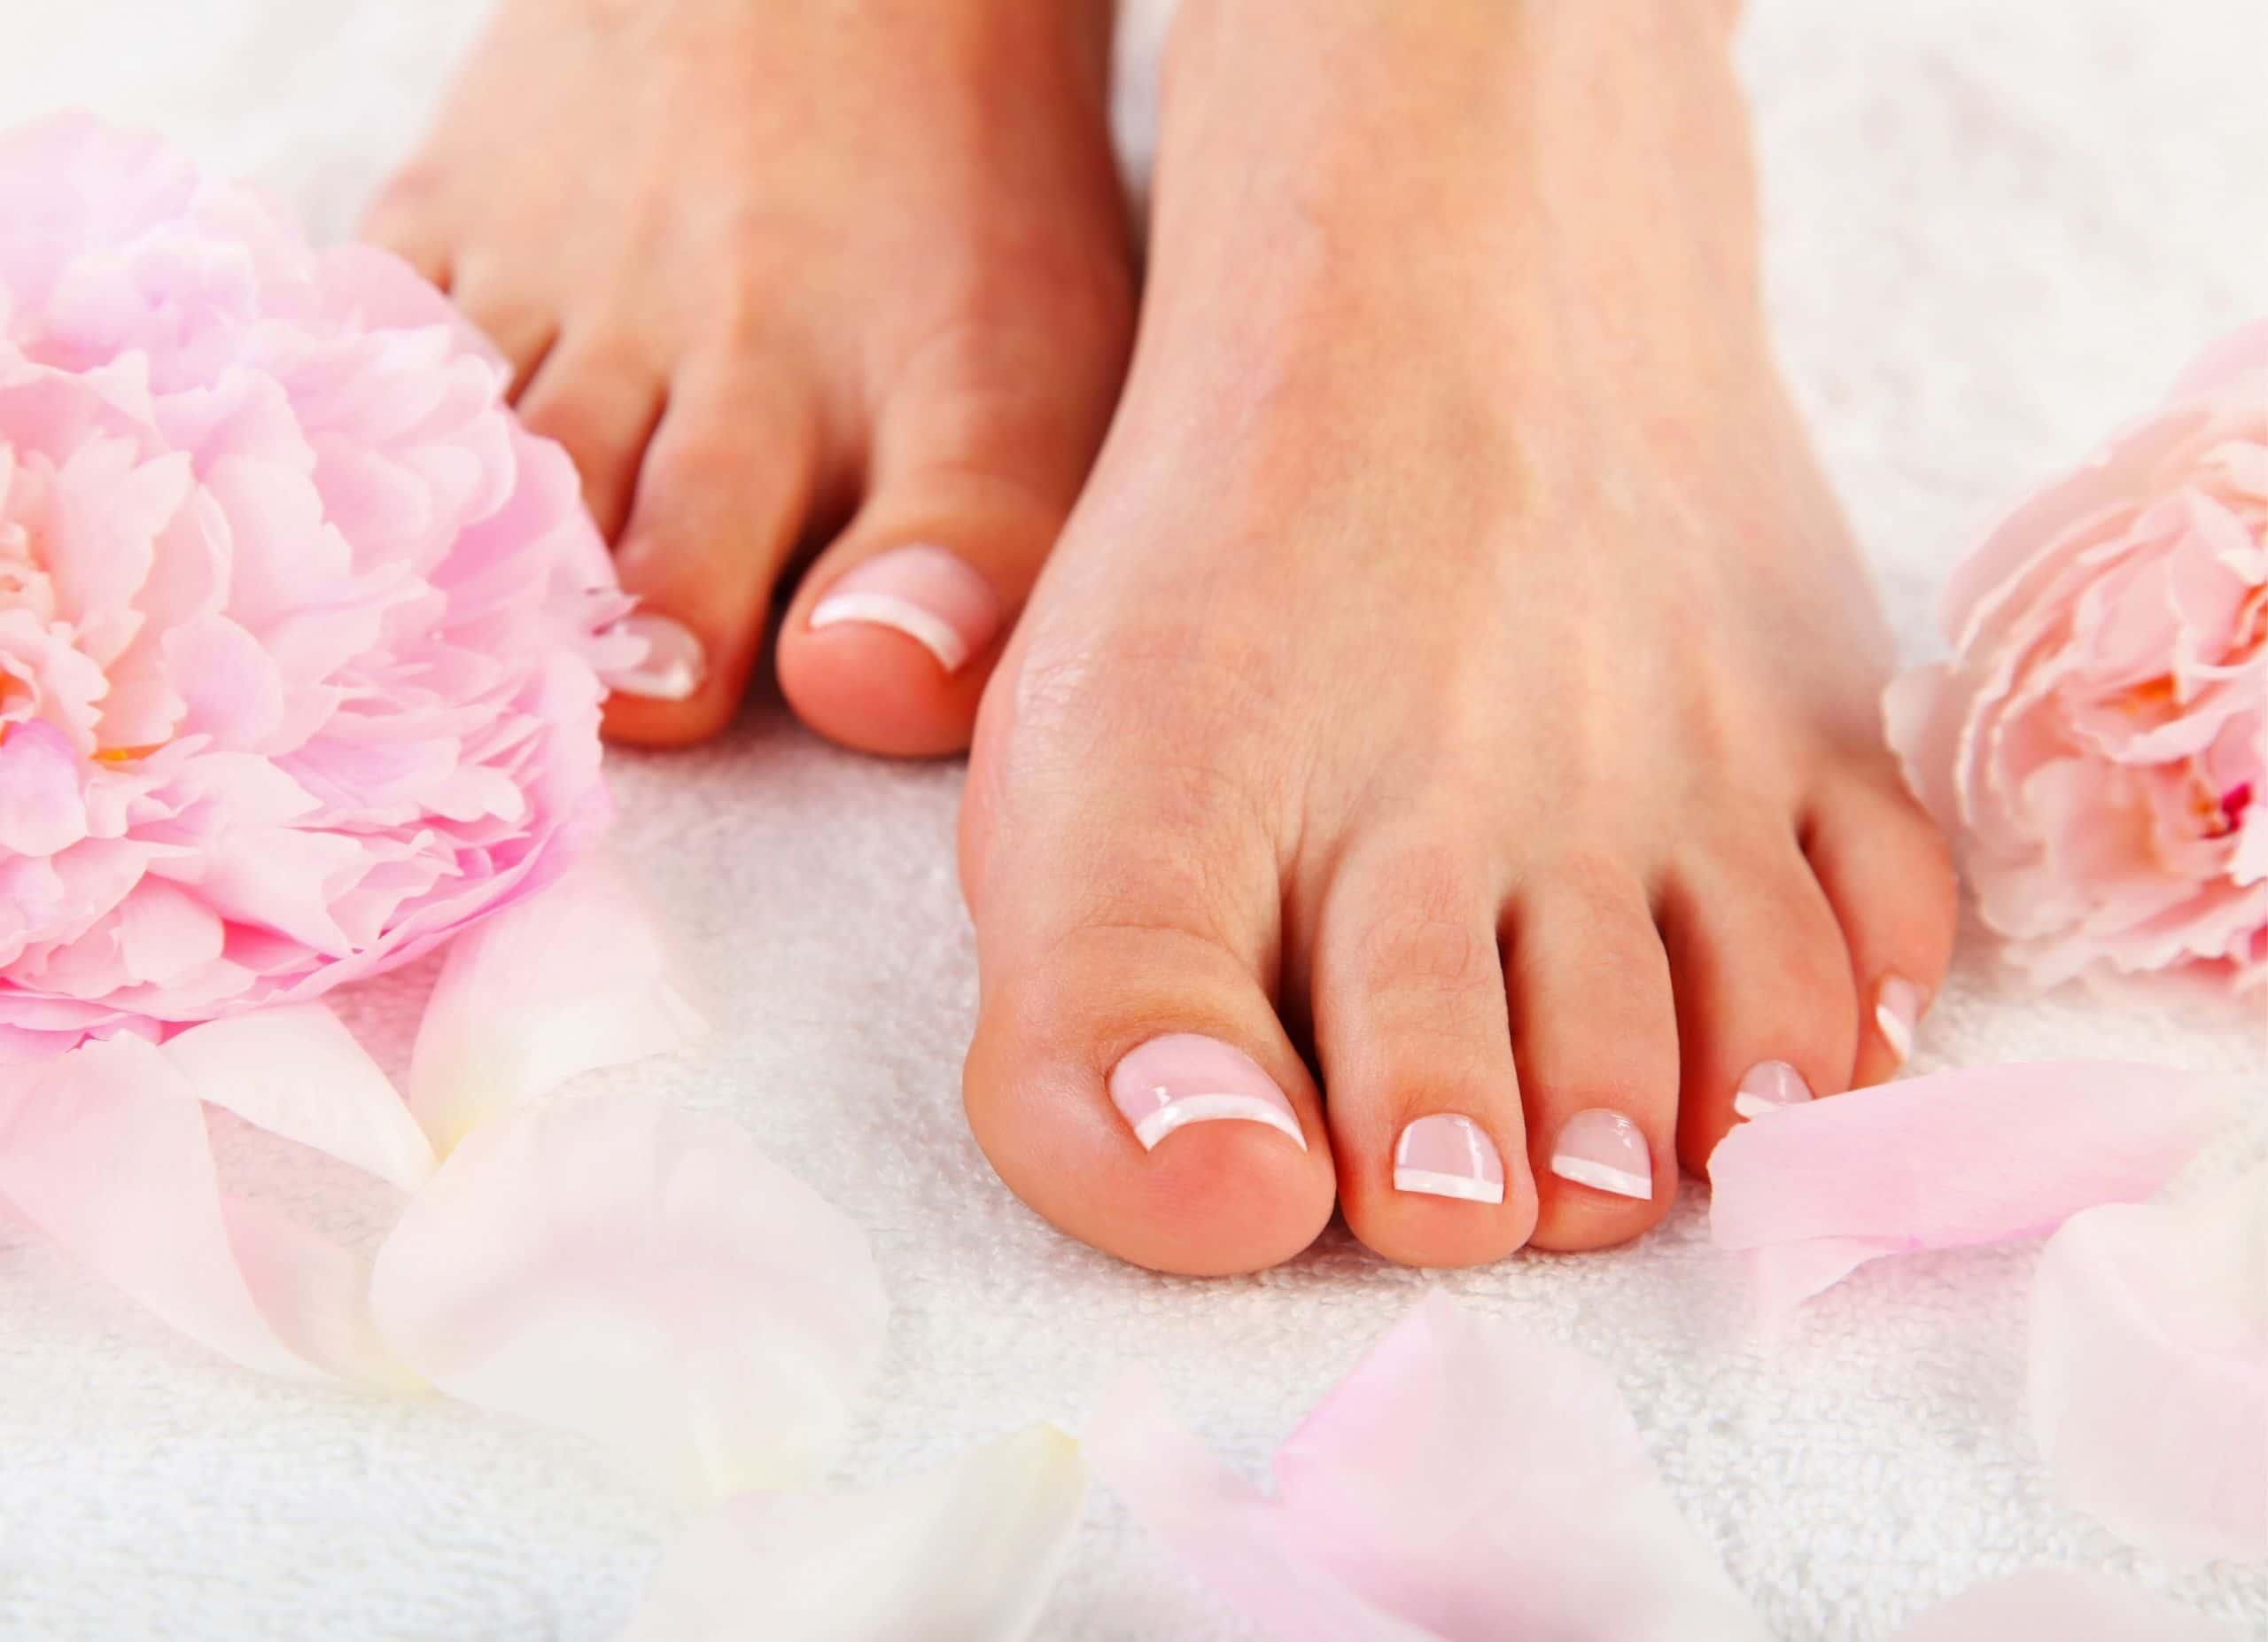 Wellness natural pedicure at day spa